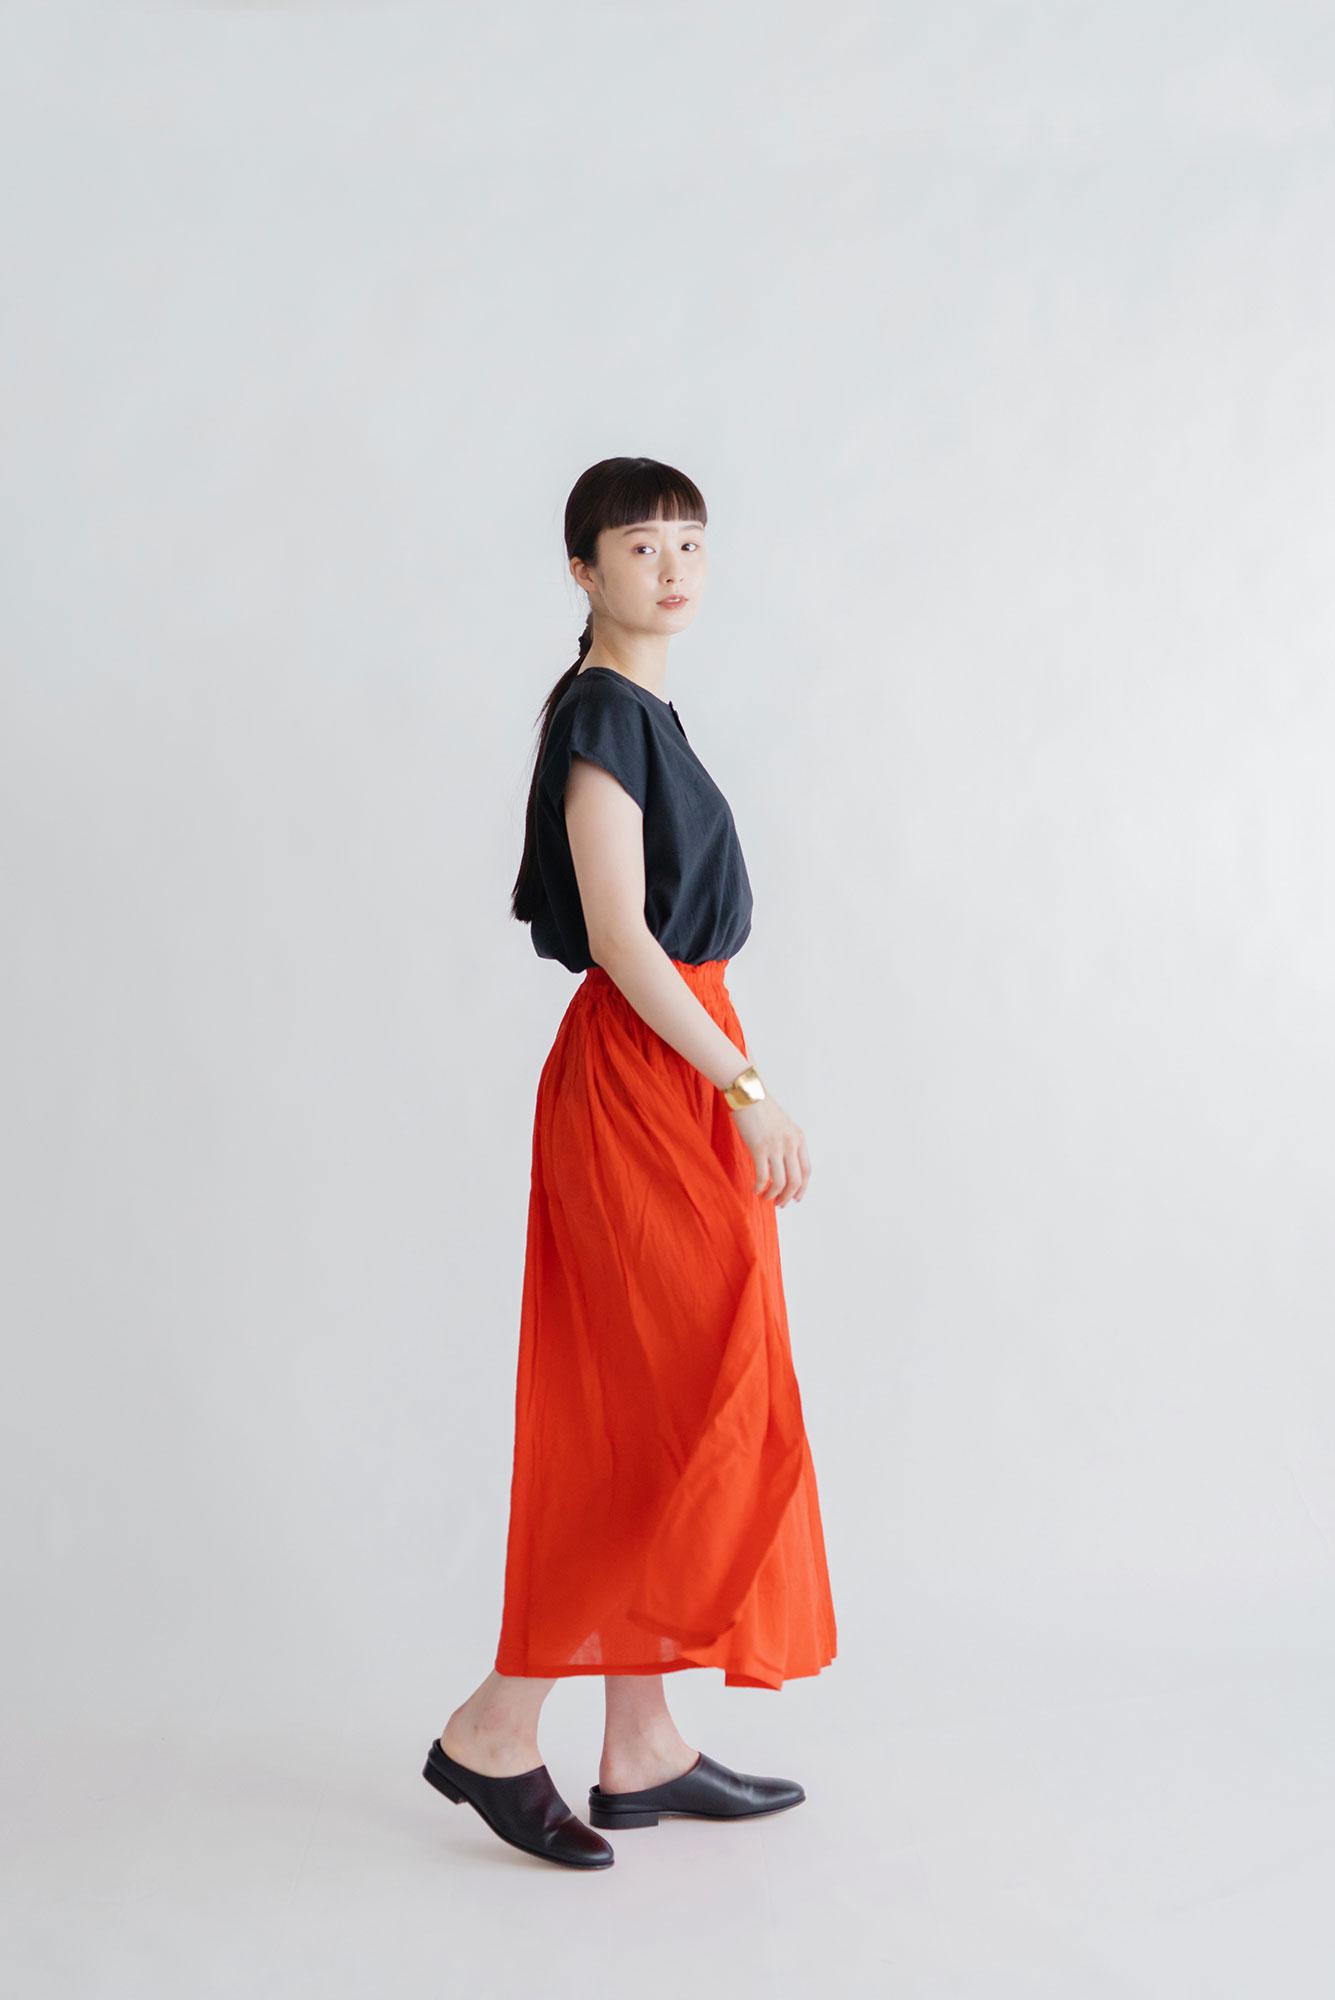 ヂェン先生の日常着 ロングスカート